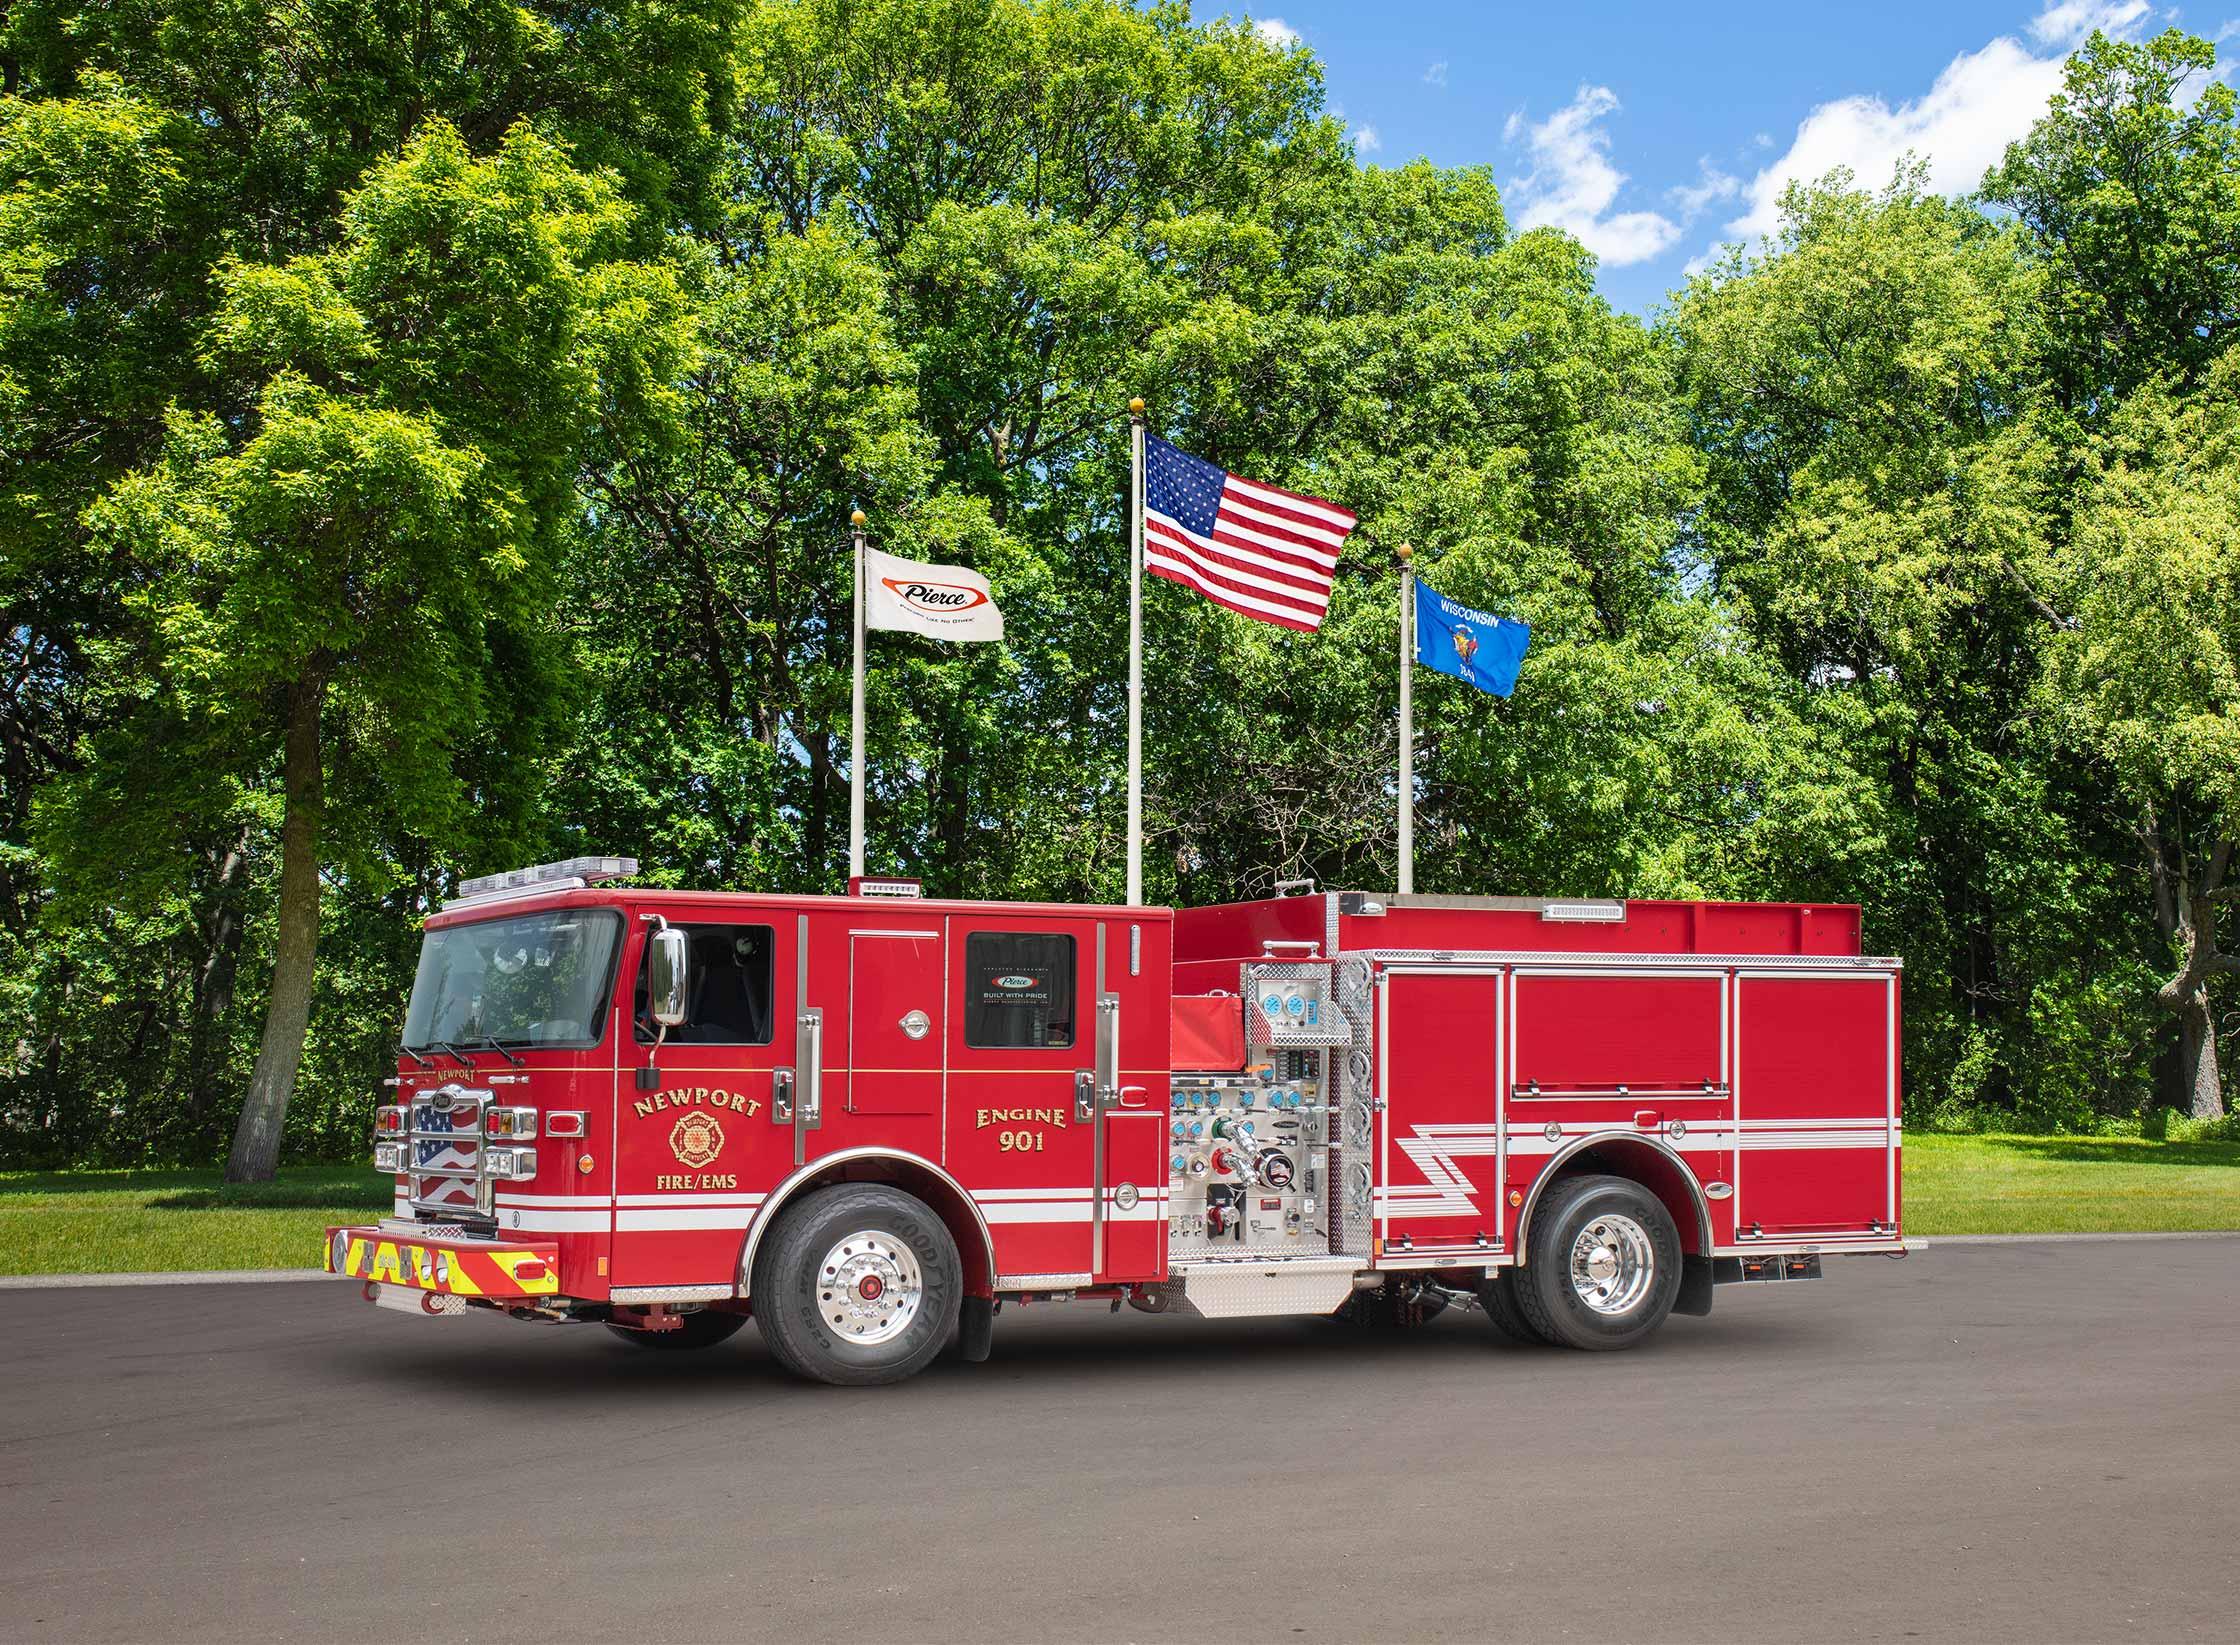 Newport Fire Department - Pumper